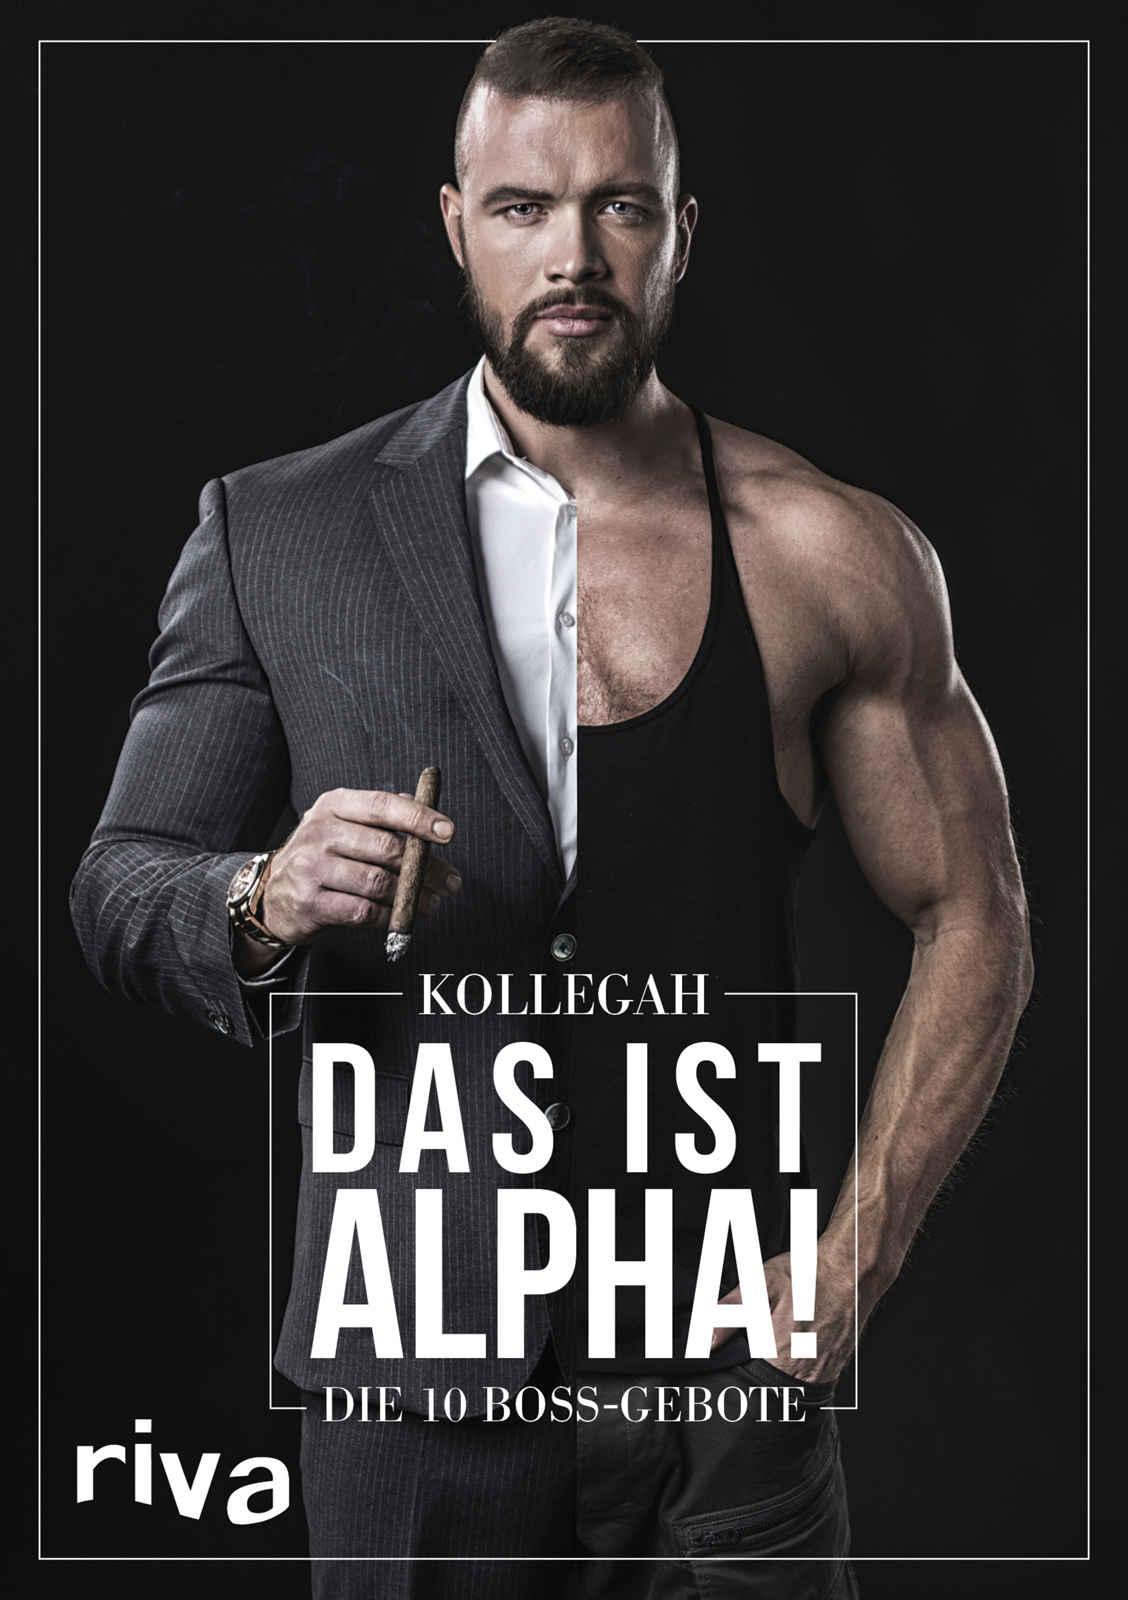 Kollegah erklärt: So wird man zum Alphatier